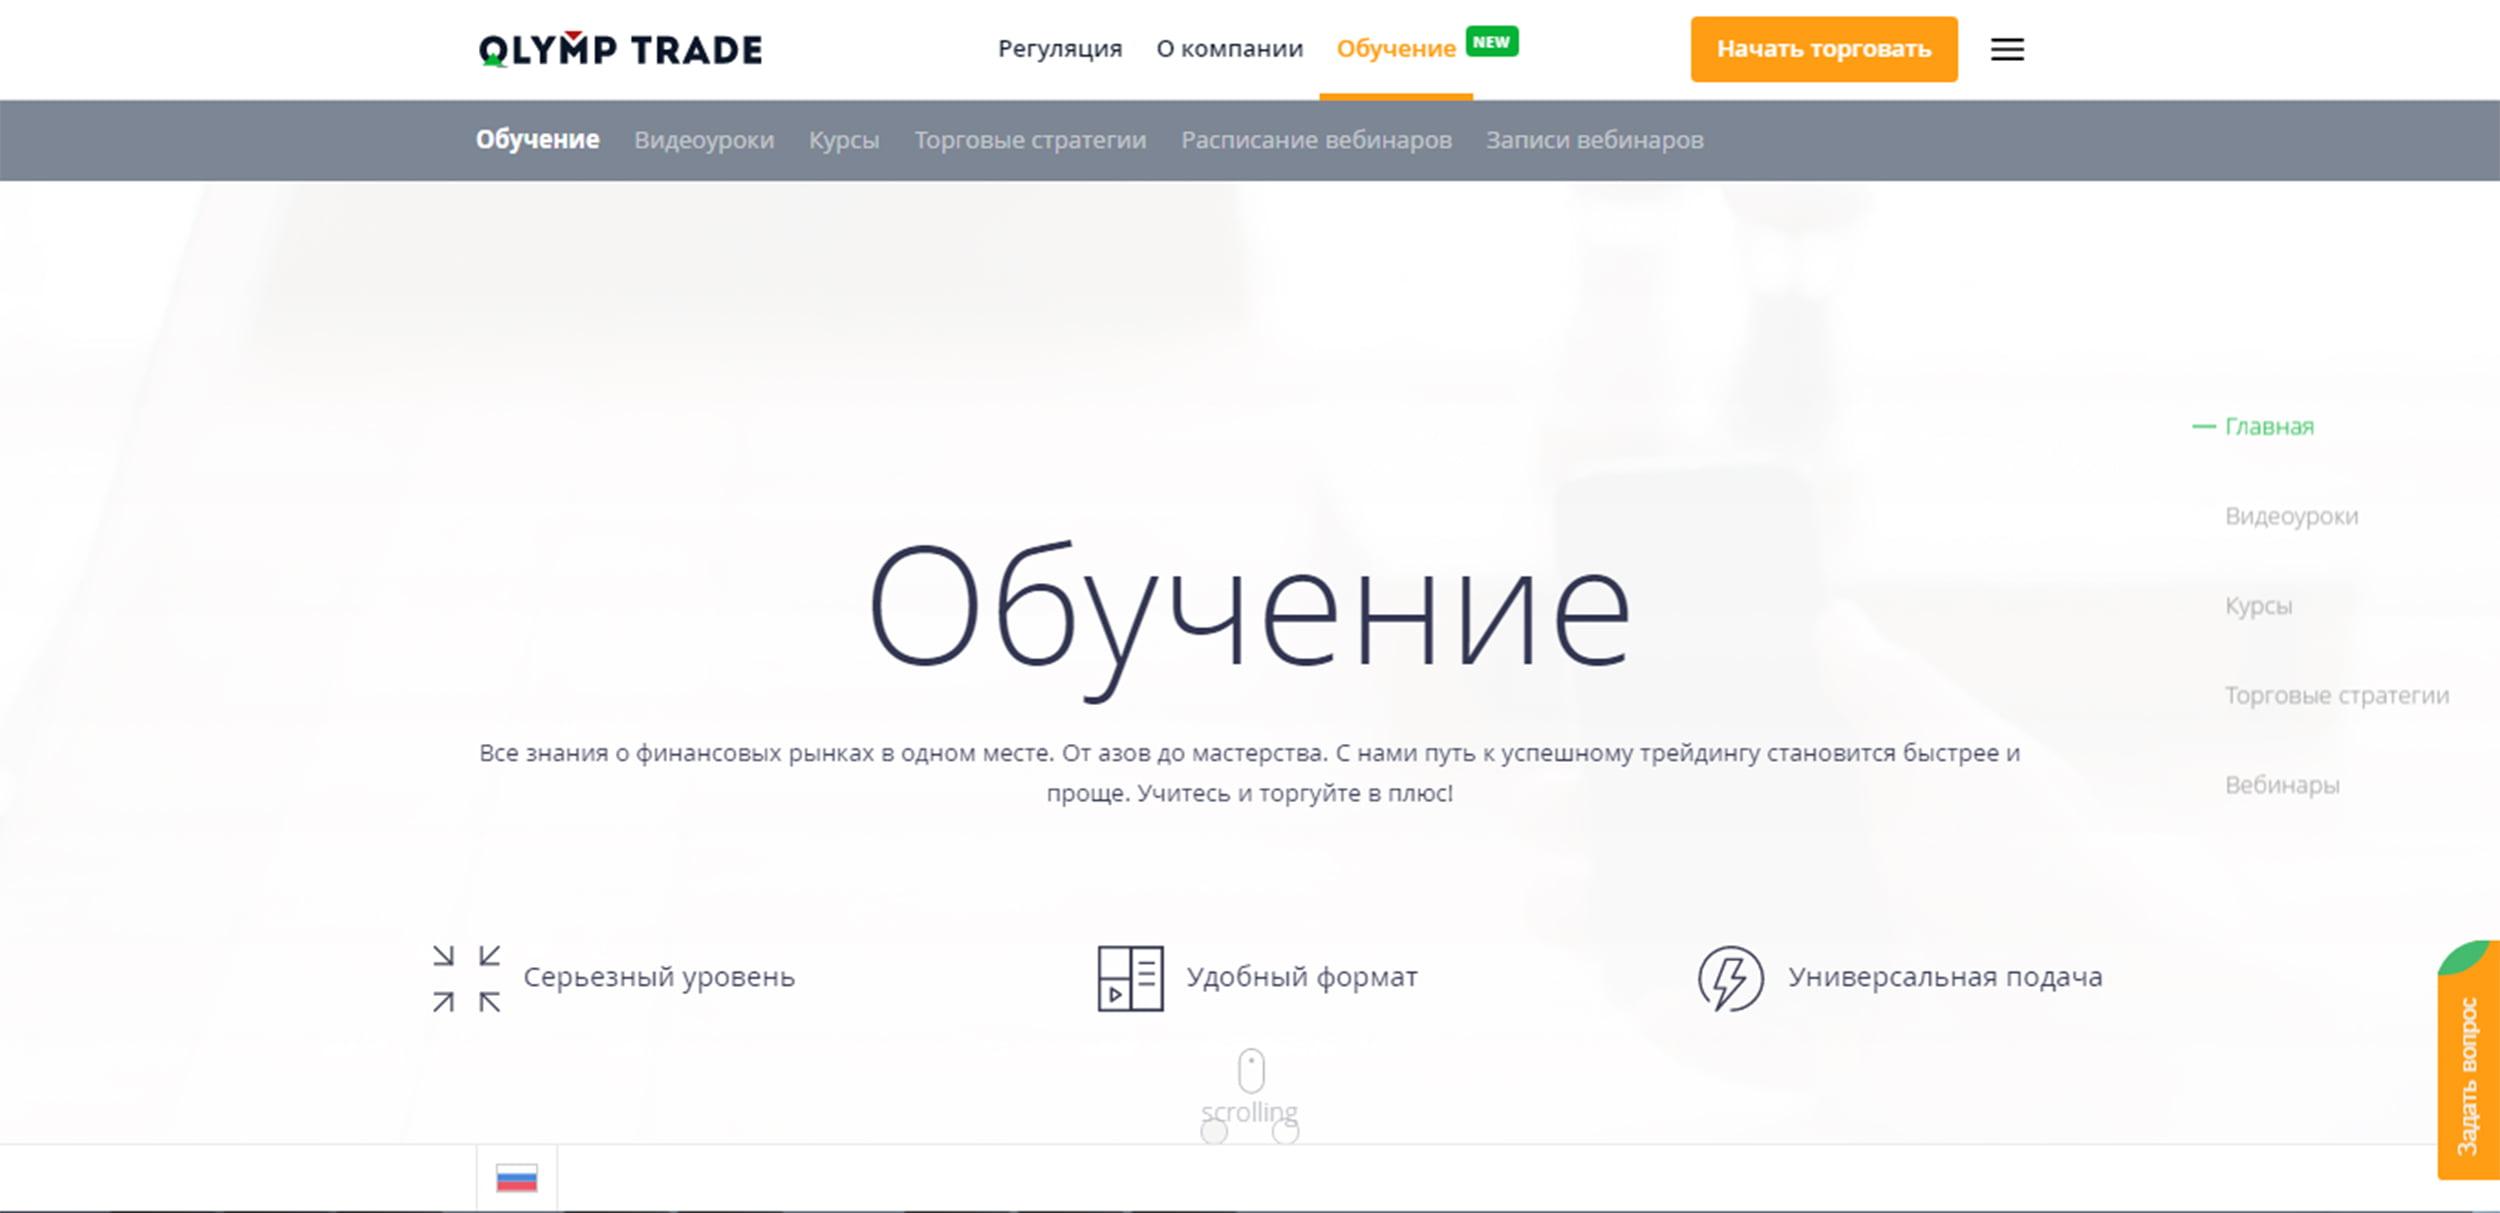 Пройдите обучение торговли бинарными опционами